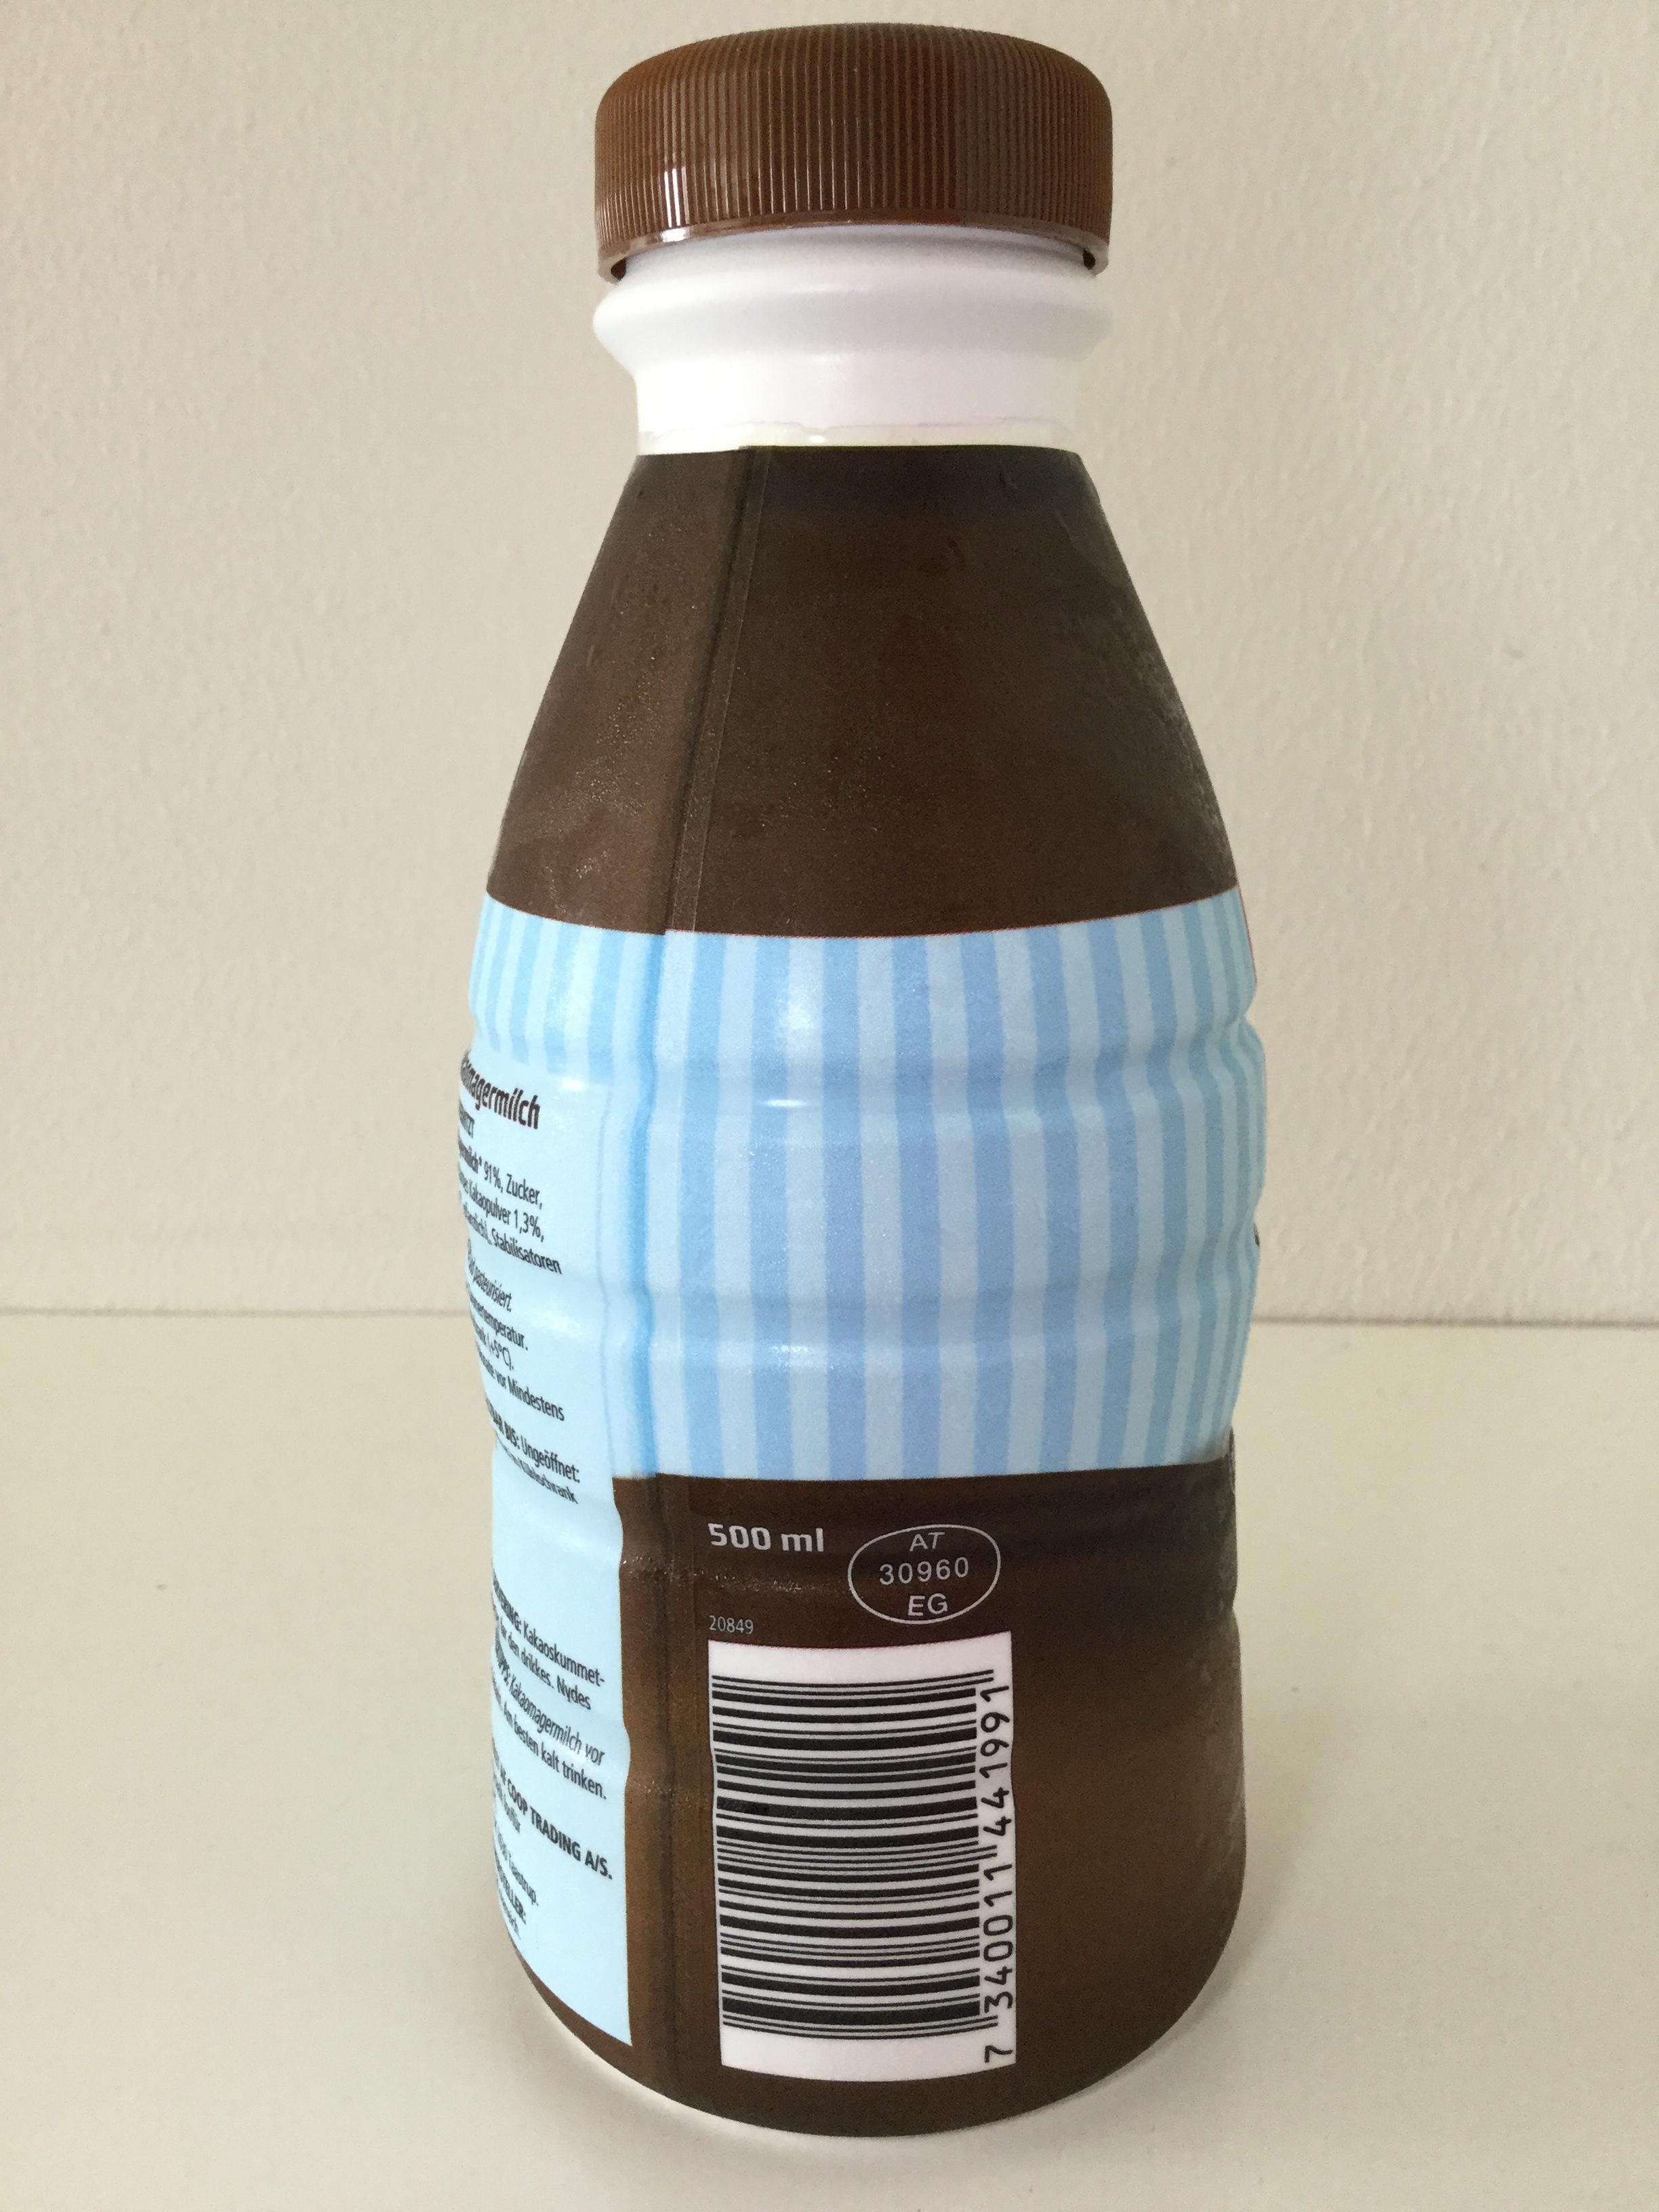 Coop Kakao Skummetmaelk Side 3